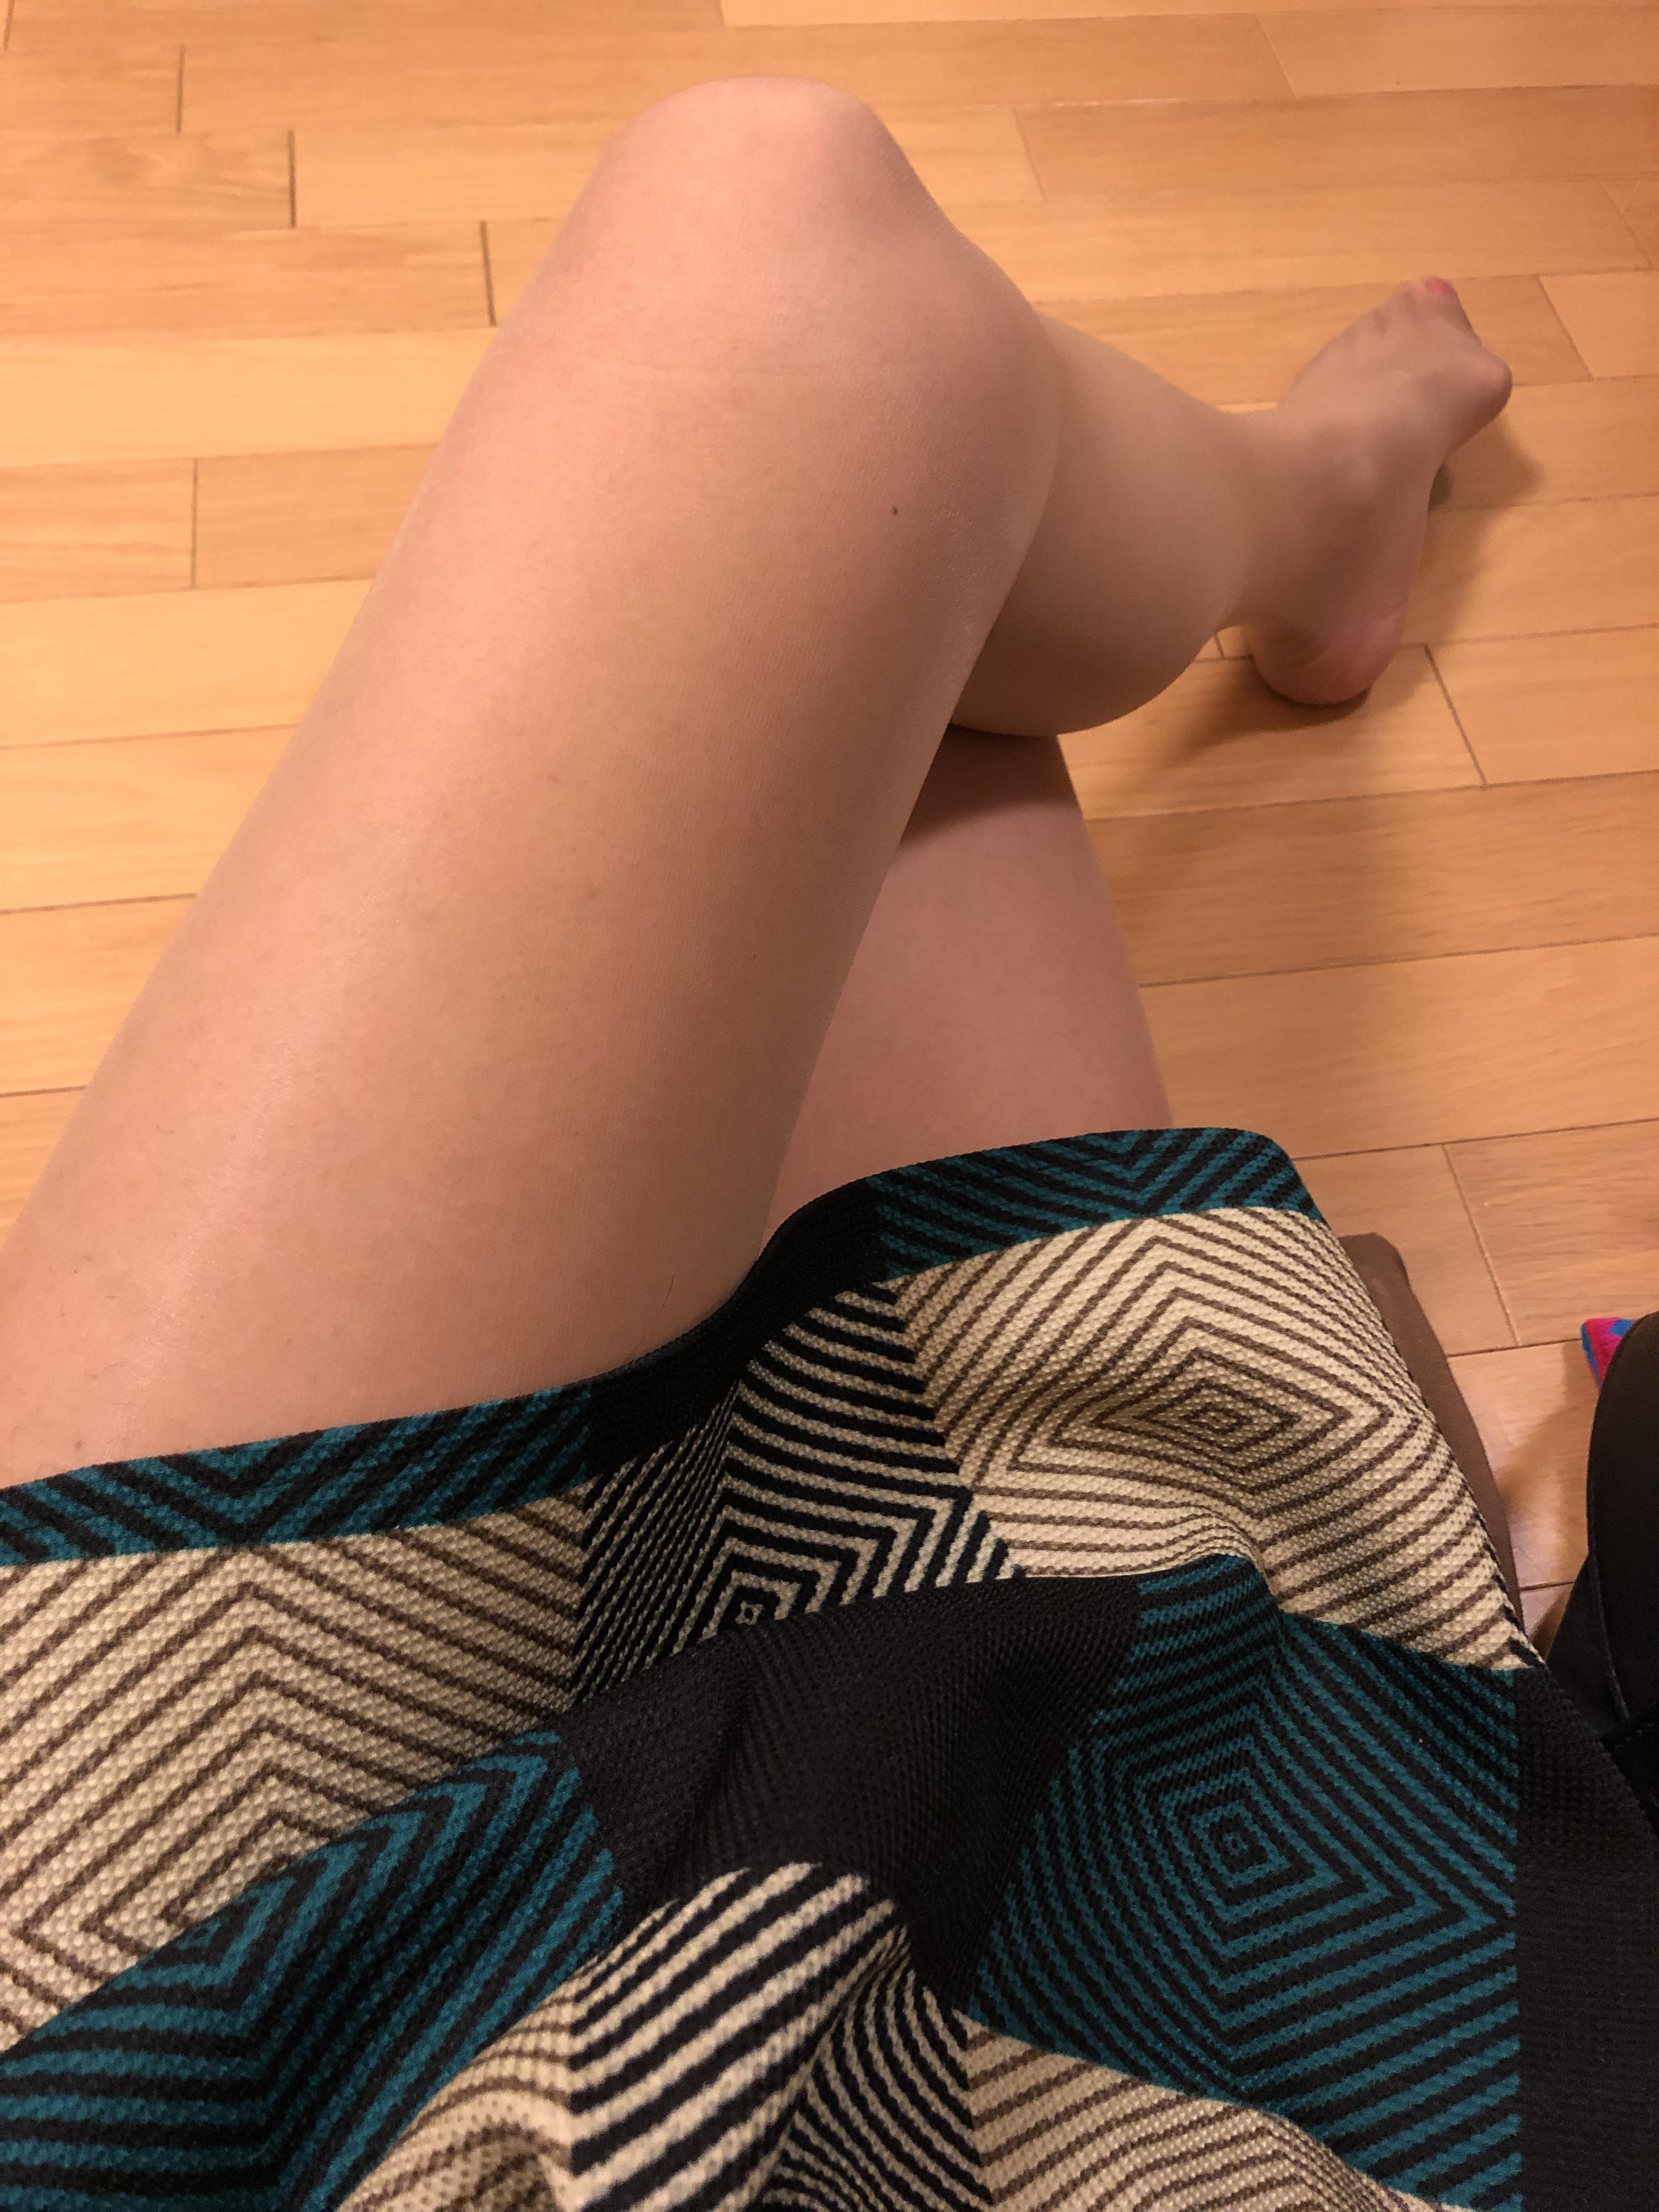 「出勤してますよー」11/18(日) 00:31 | みずほの写メ・風俗動画